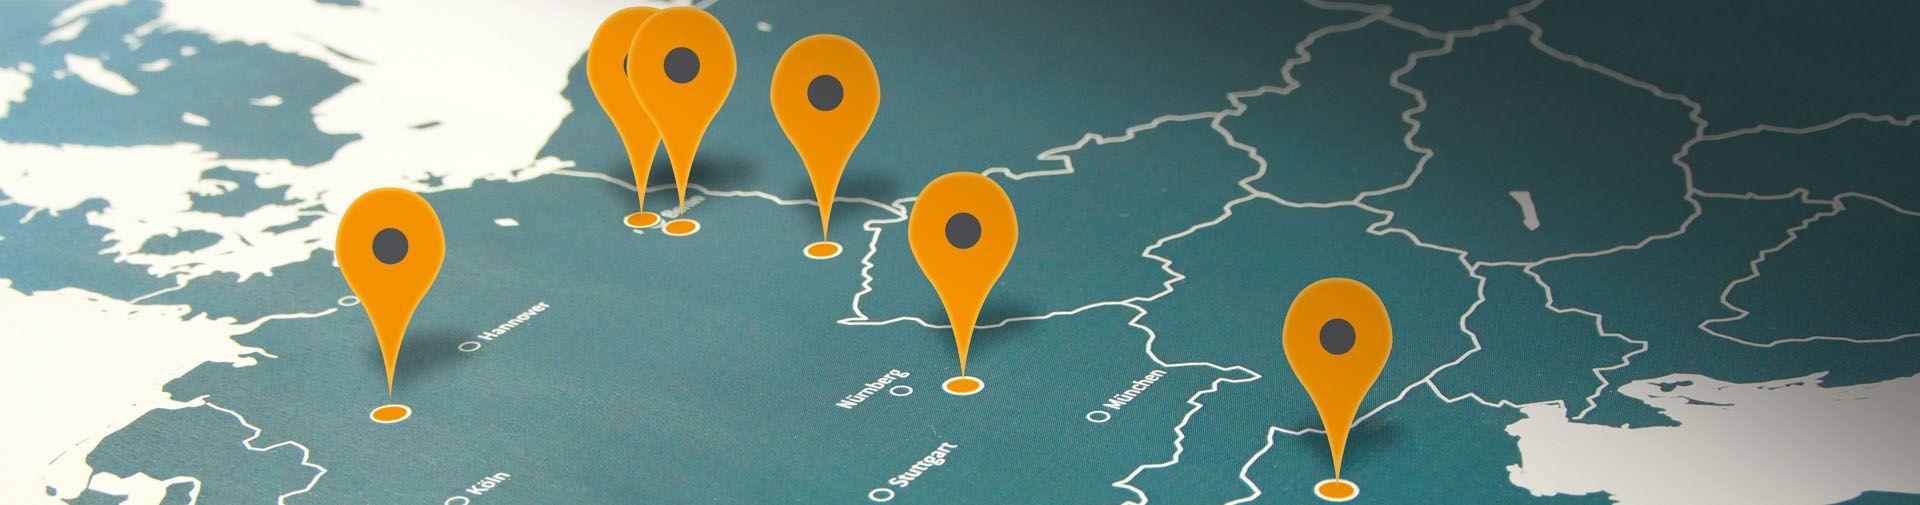 Standorte und Niederlassungen